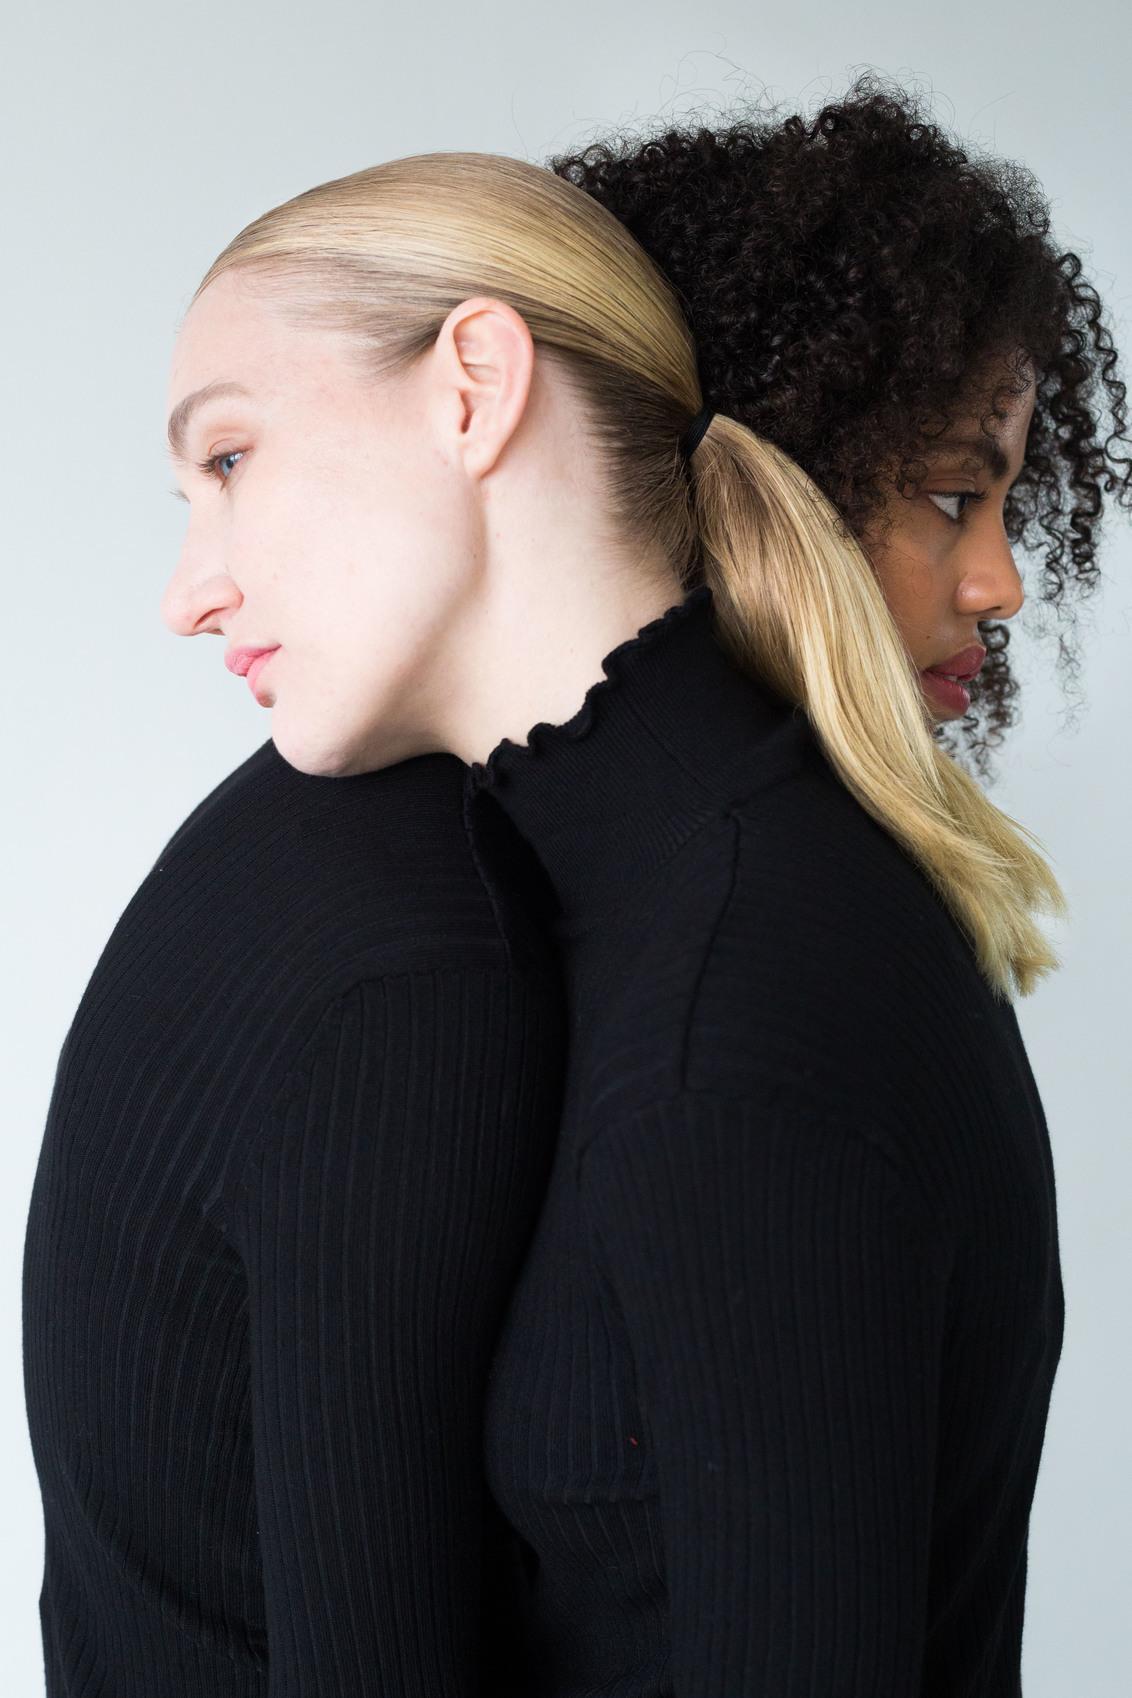 """Together we are... - Voor een concept genoemd """"Together we are..."""" gemaakt  Modellen: Sherise Strang, Richelle van Norden MUA: Xiu Yun yu Styliste: Carmen Teuwen - foto door lk123456789 op 08-01-2018 - deze foto bevat: model, fashion, fotoshoot, fashionfotografie"""